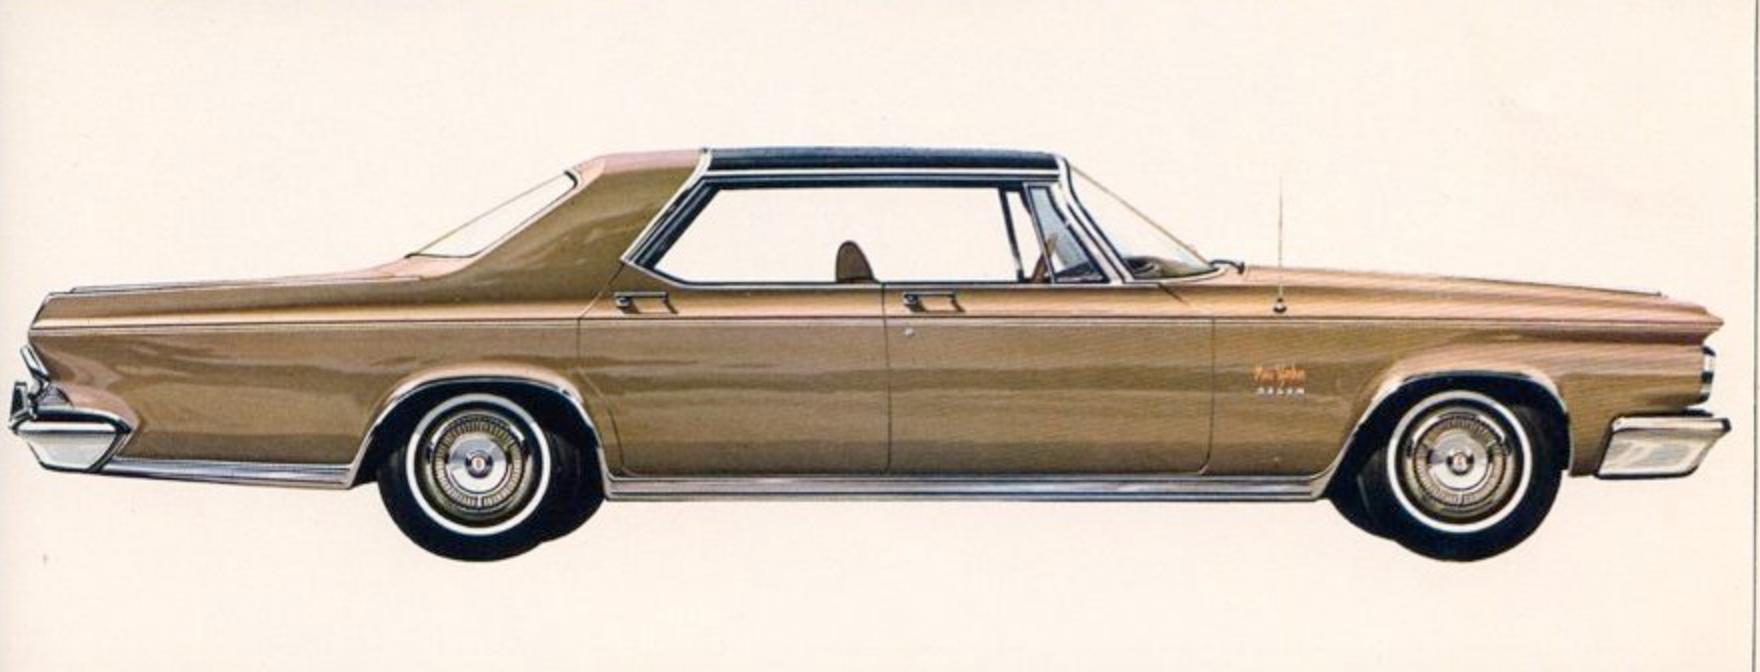 1964 Chrysler New Yorker Salon